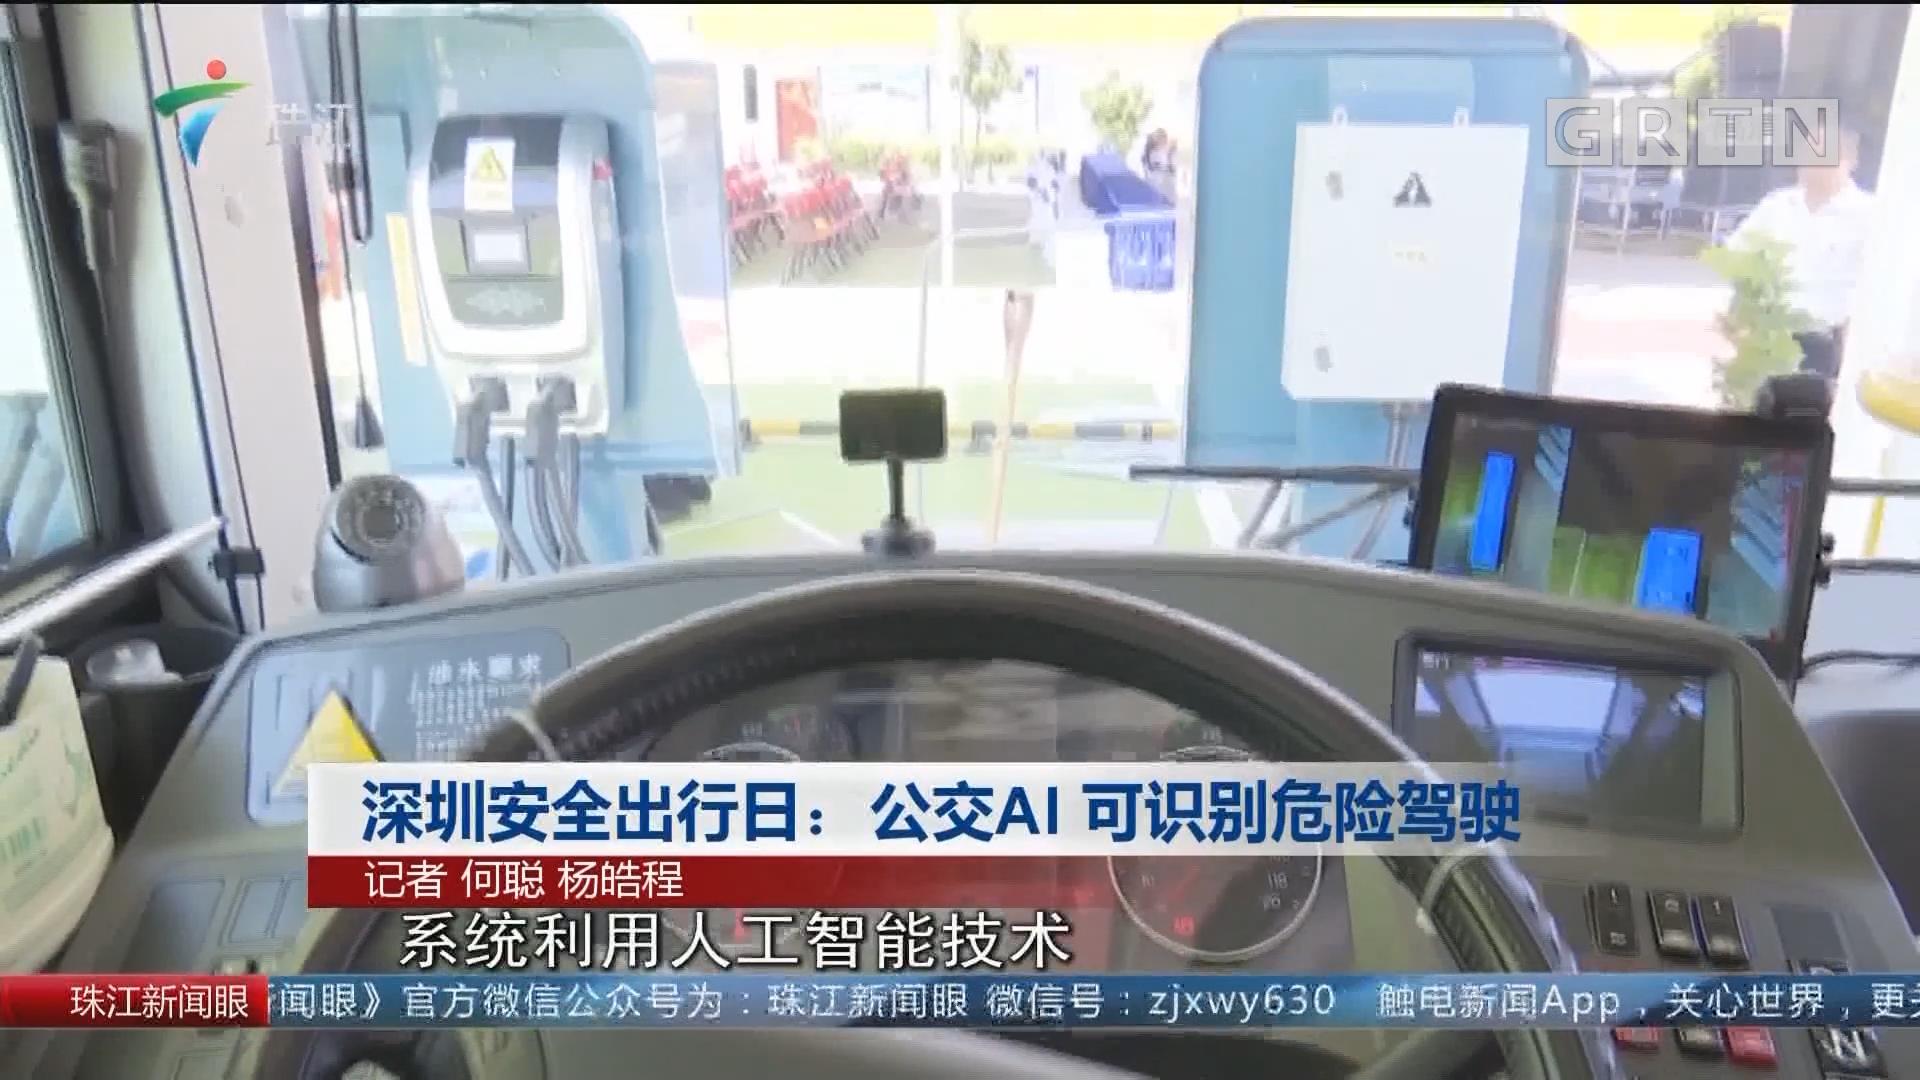 深圳安全出行日:公交AI 可识别危险驾驶